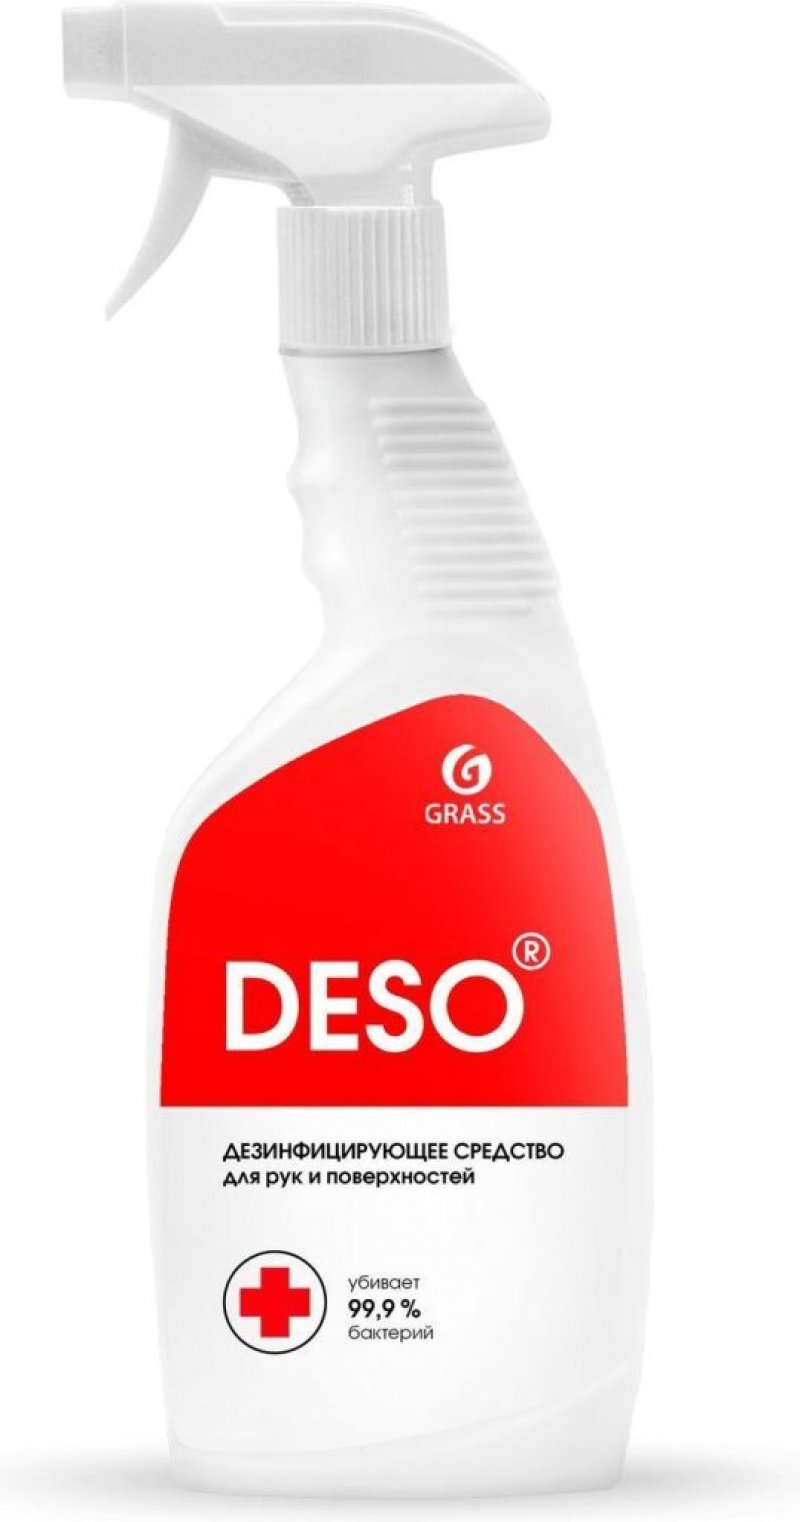 Дезинфицирующее средство 600мл DESO триггер